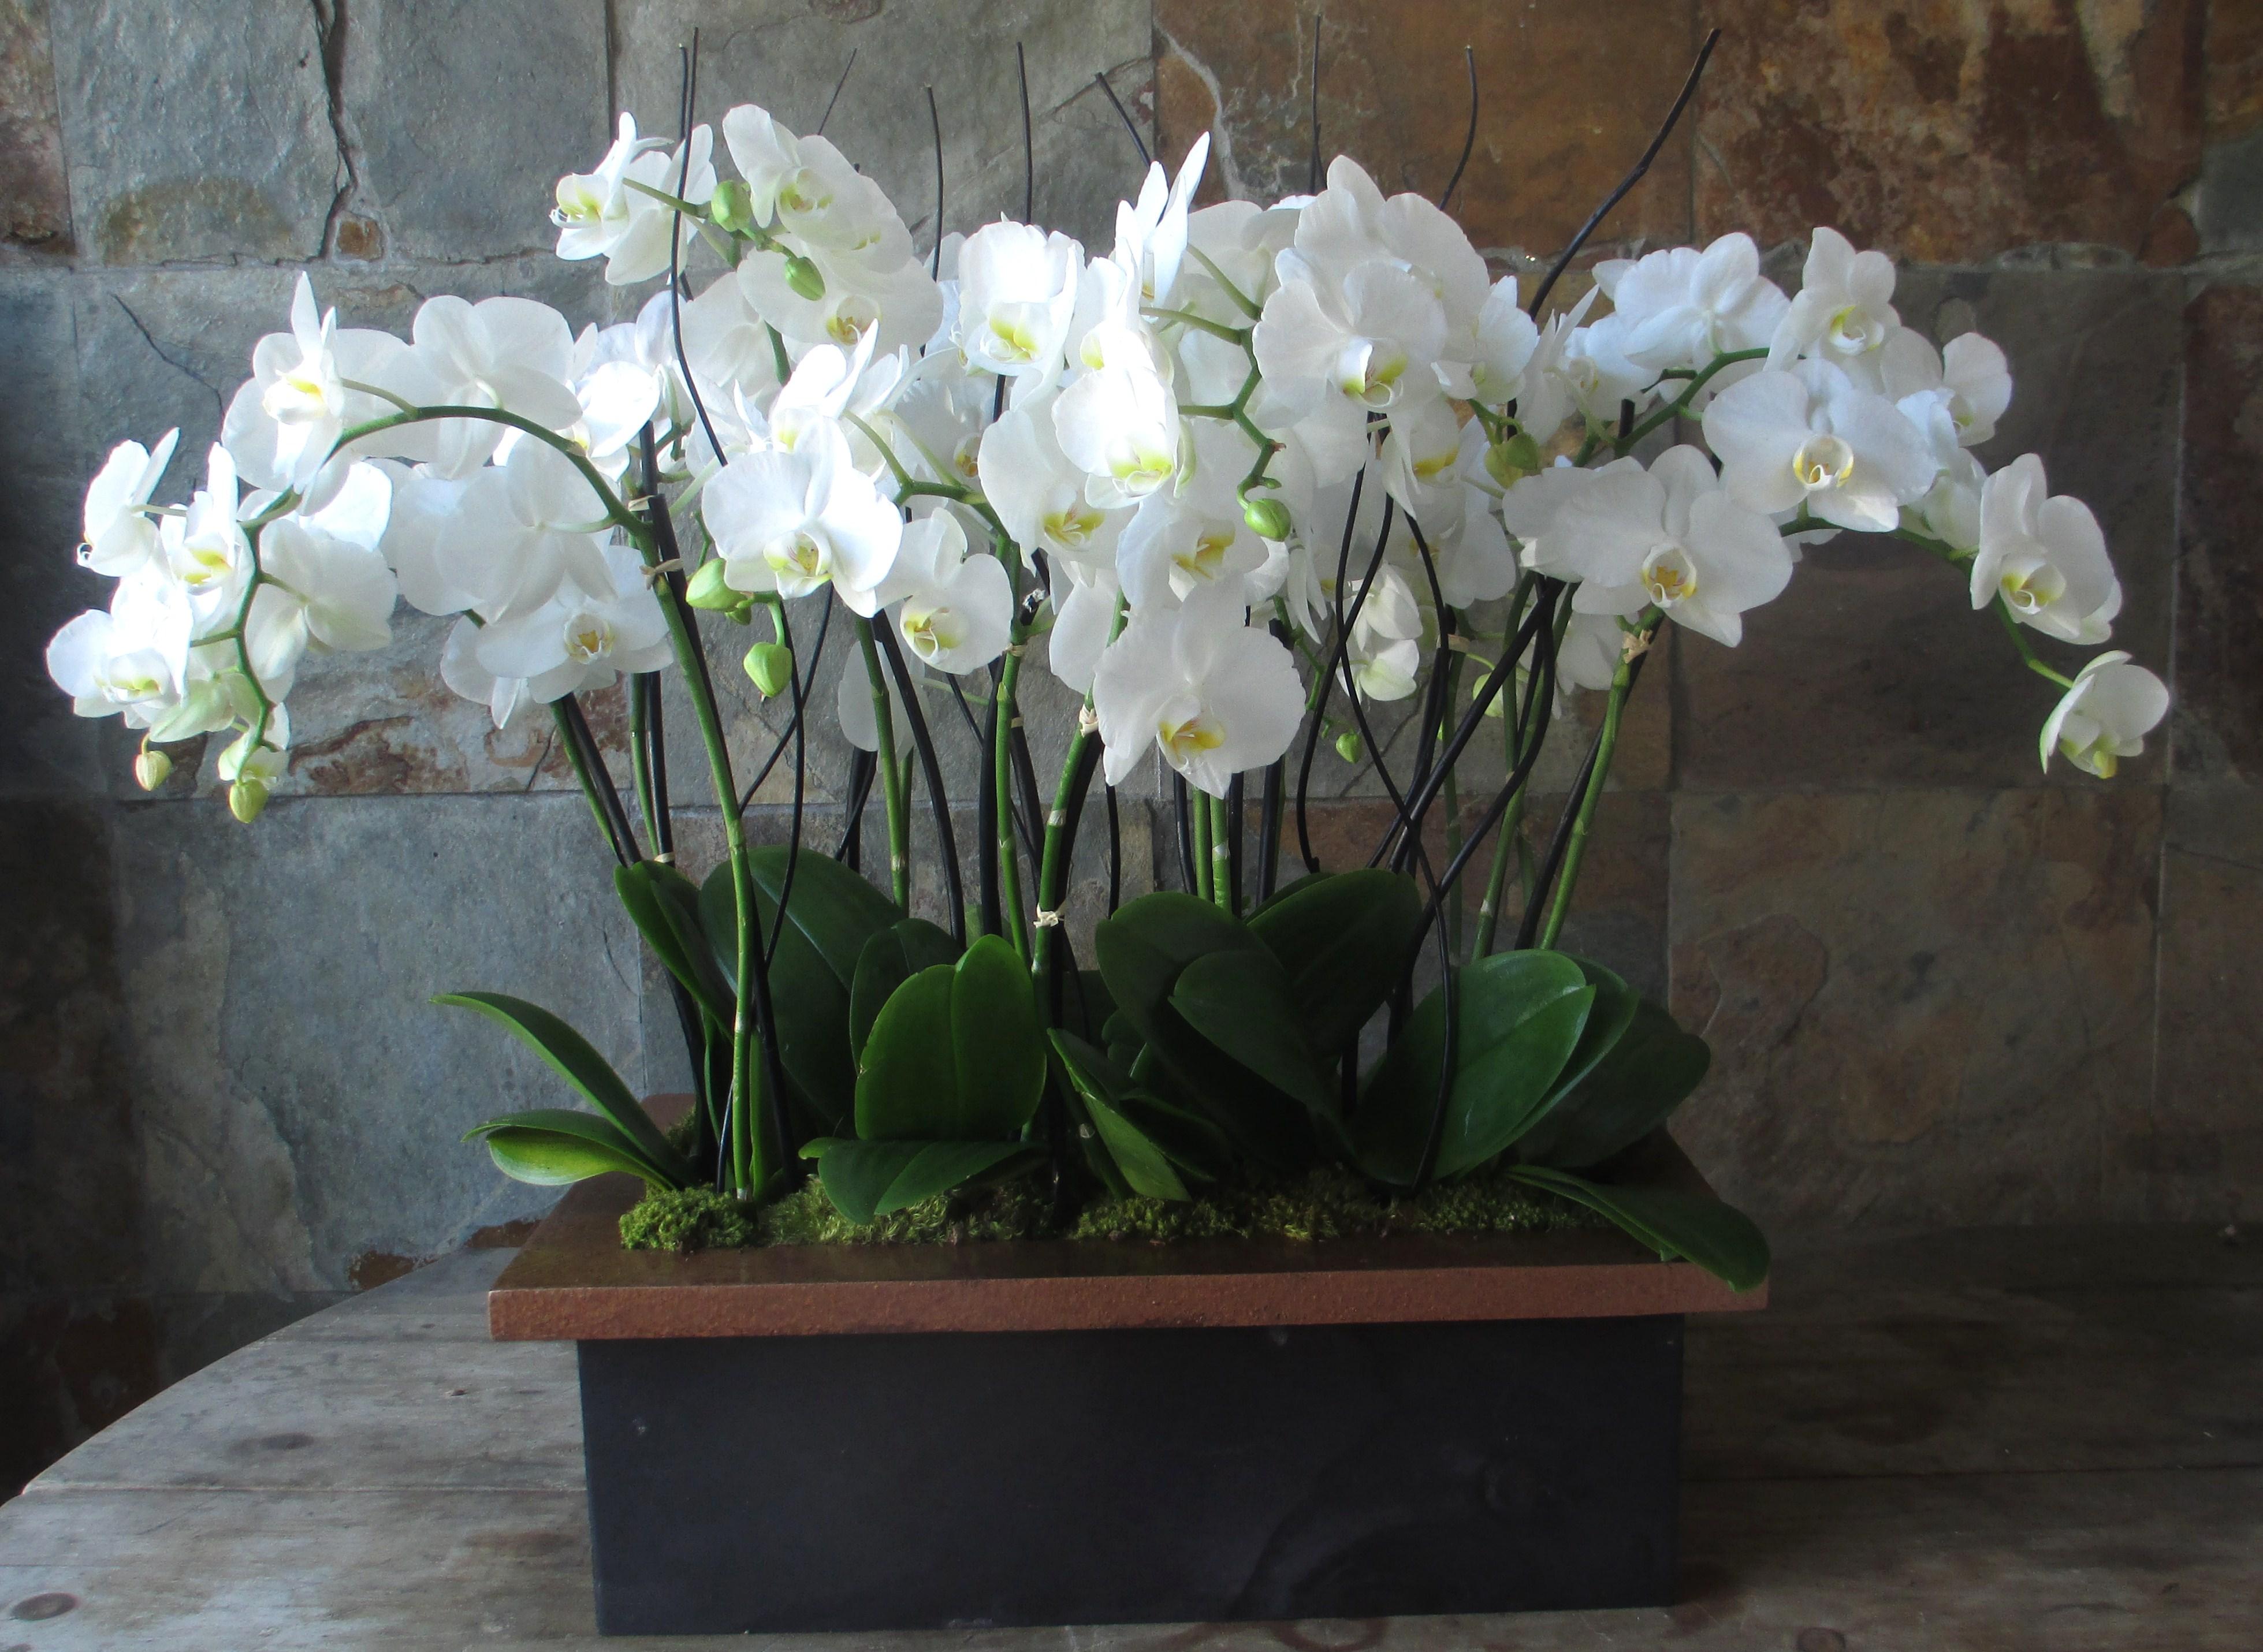 Gėlės nuotrauka. (Pavadinimas: Orchidėja Phalaenopsis)